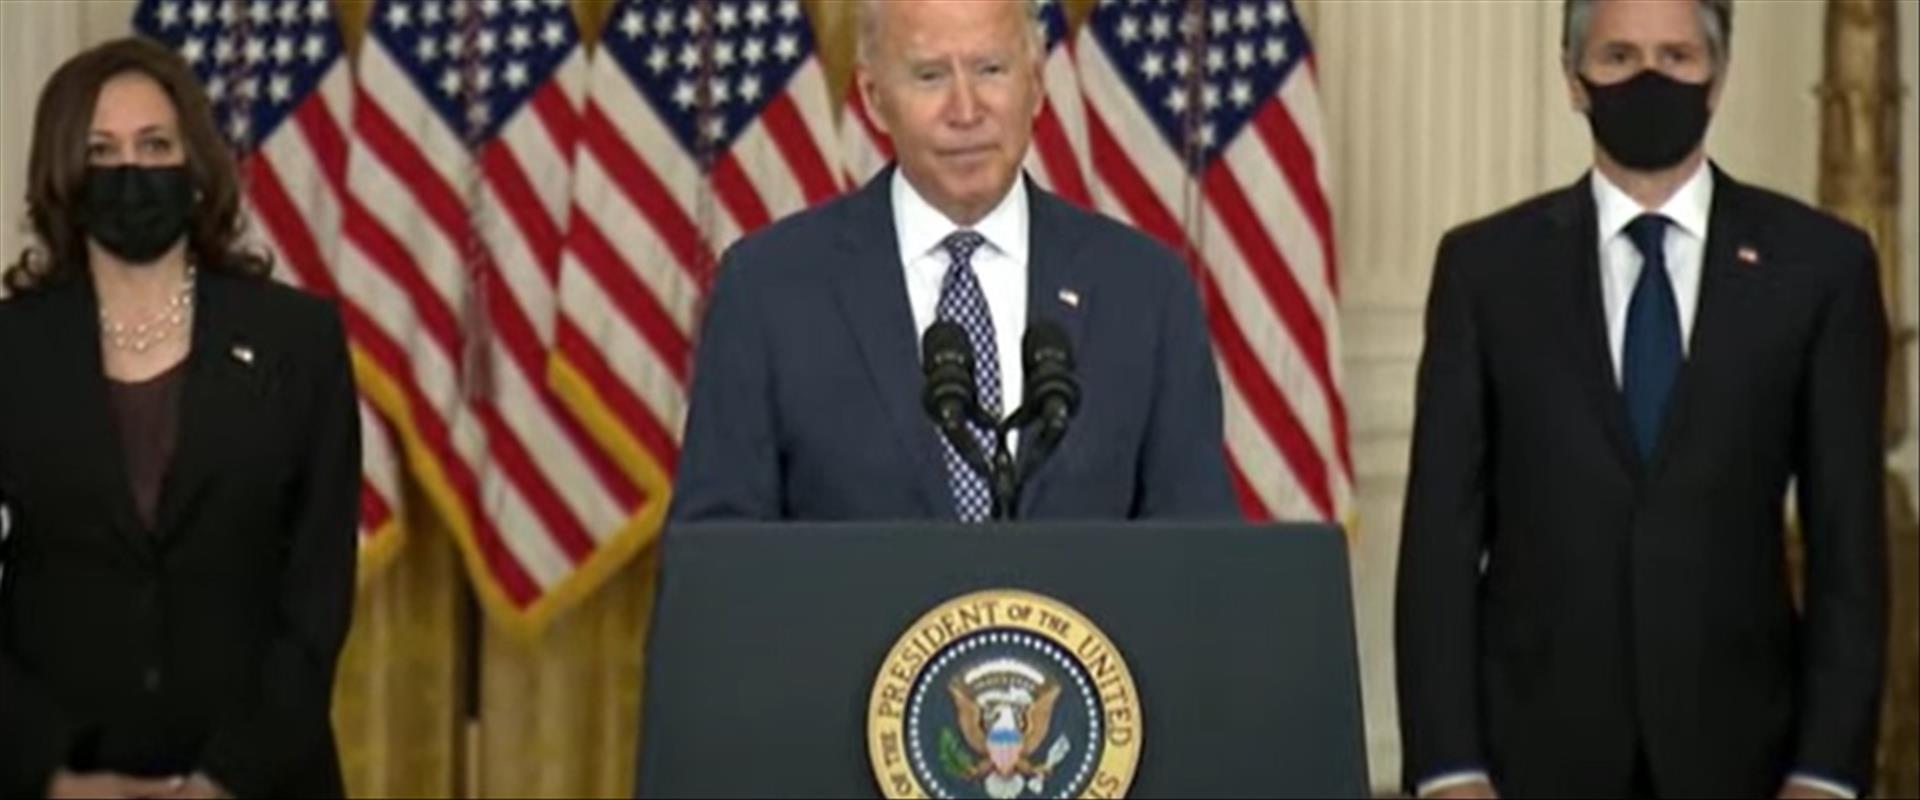 """נשיא ארה""""ב בתדרוך לעיתונאים"""